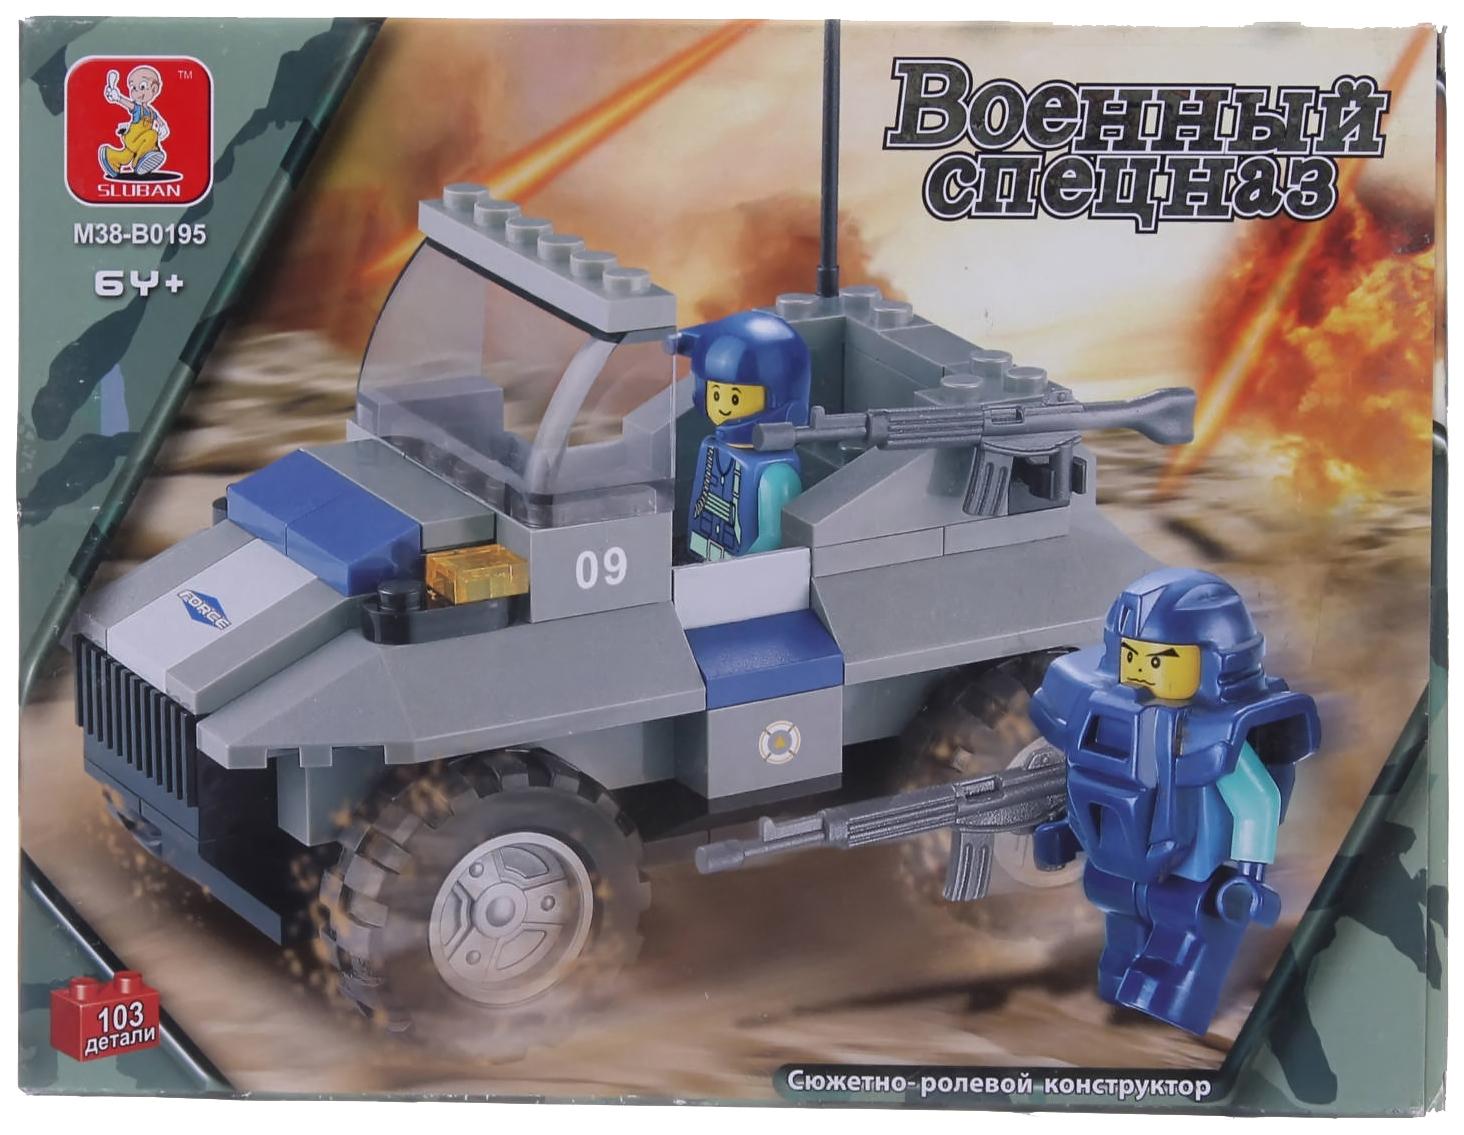 Купить Военный спецназ, Конструктор Sluban Военный спецназ 103 детали M38-B0195, Конструкторы пластмассовые